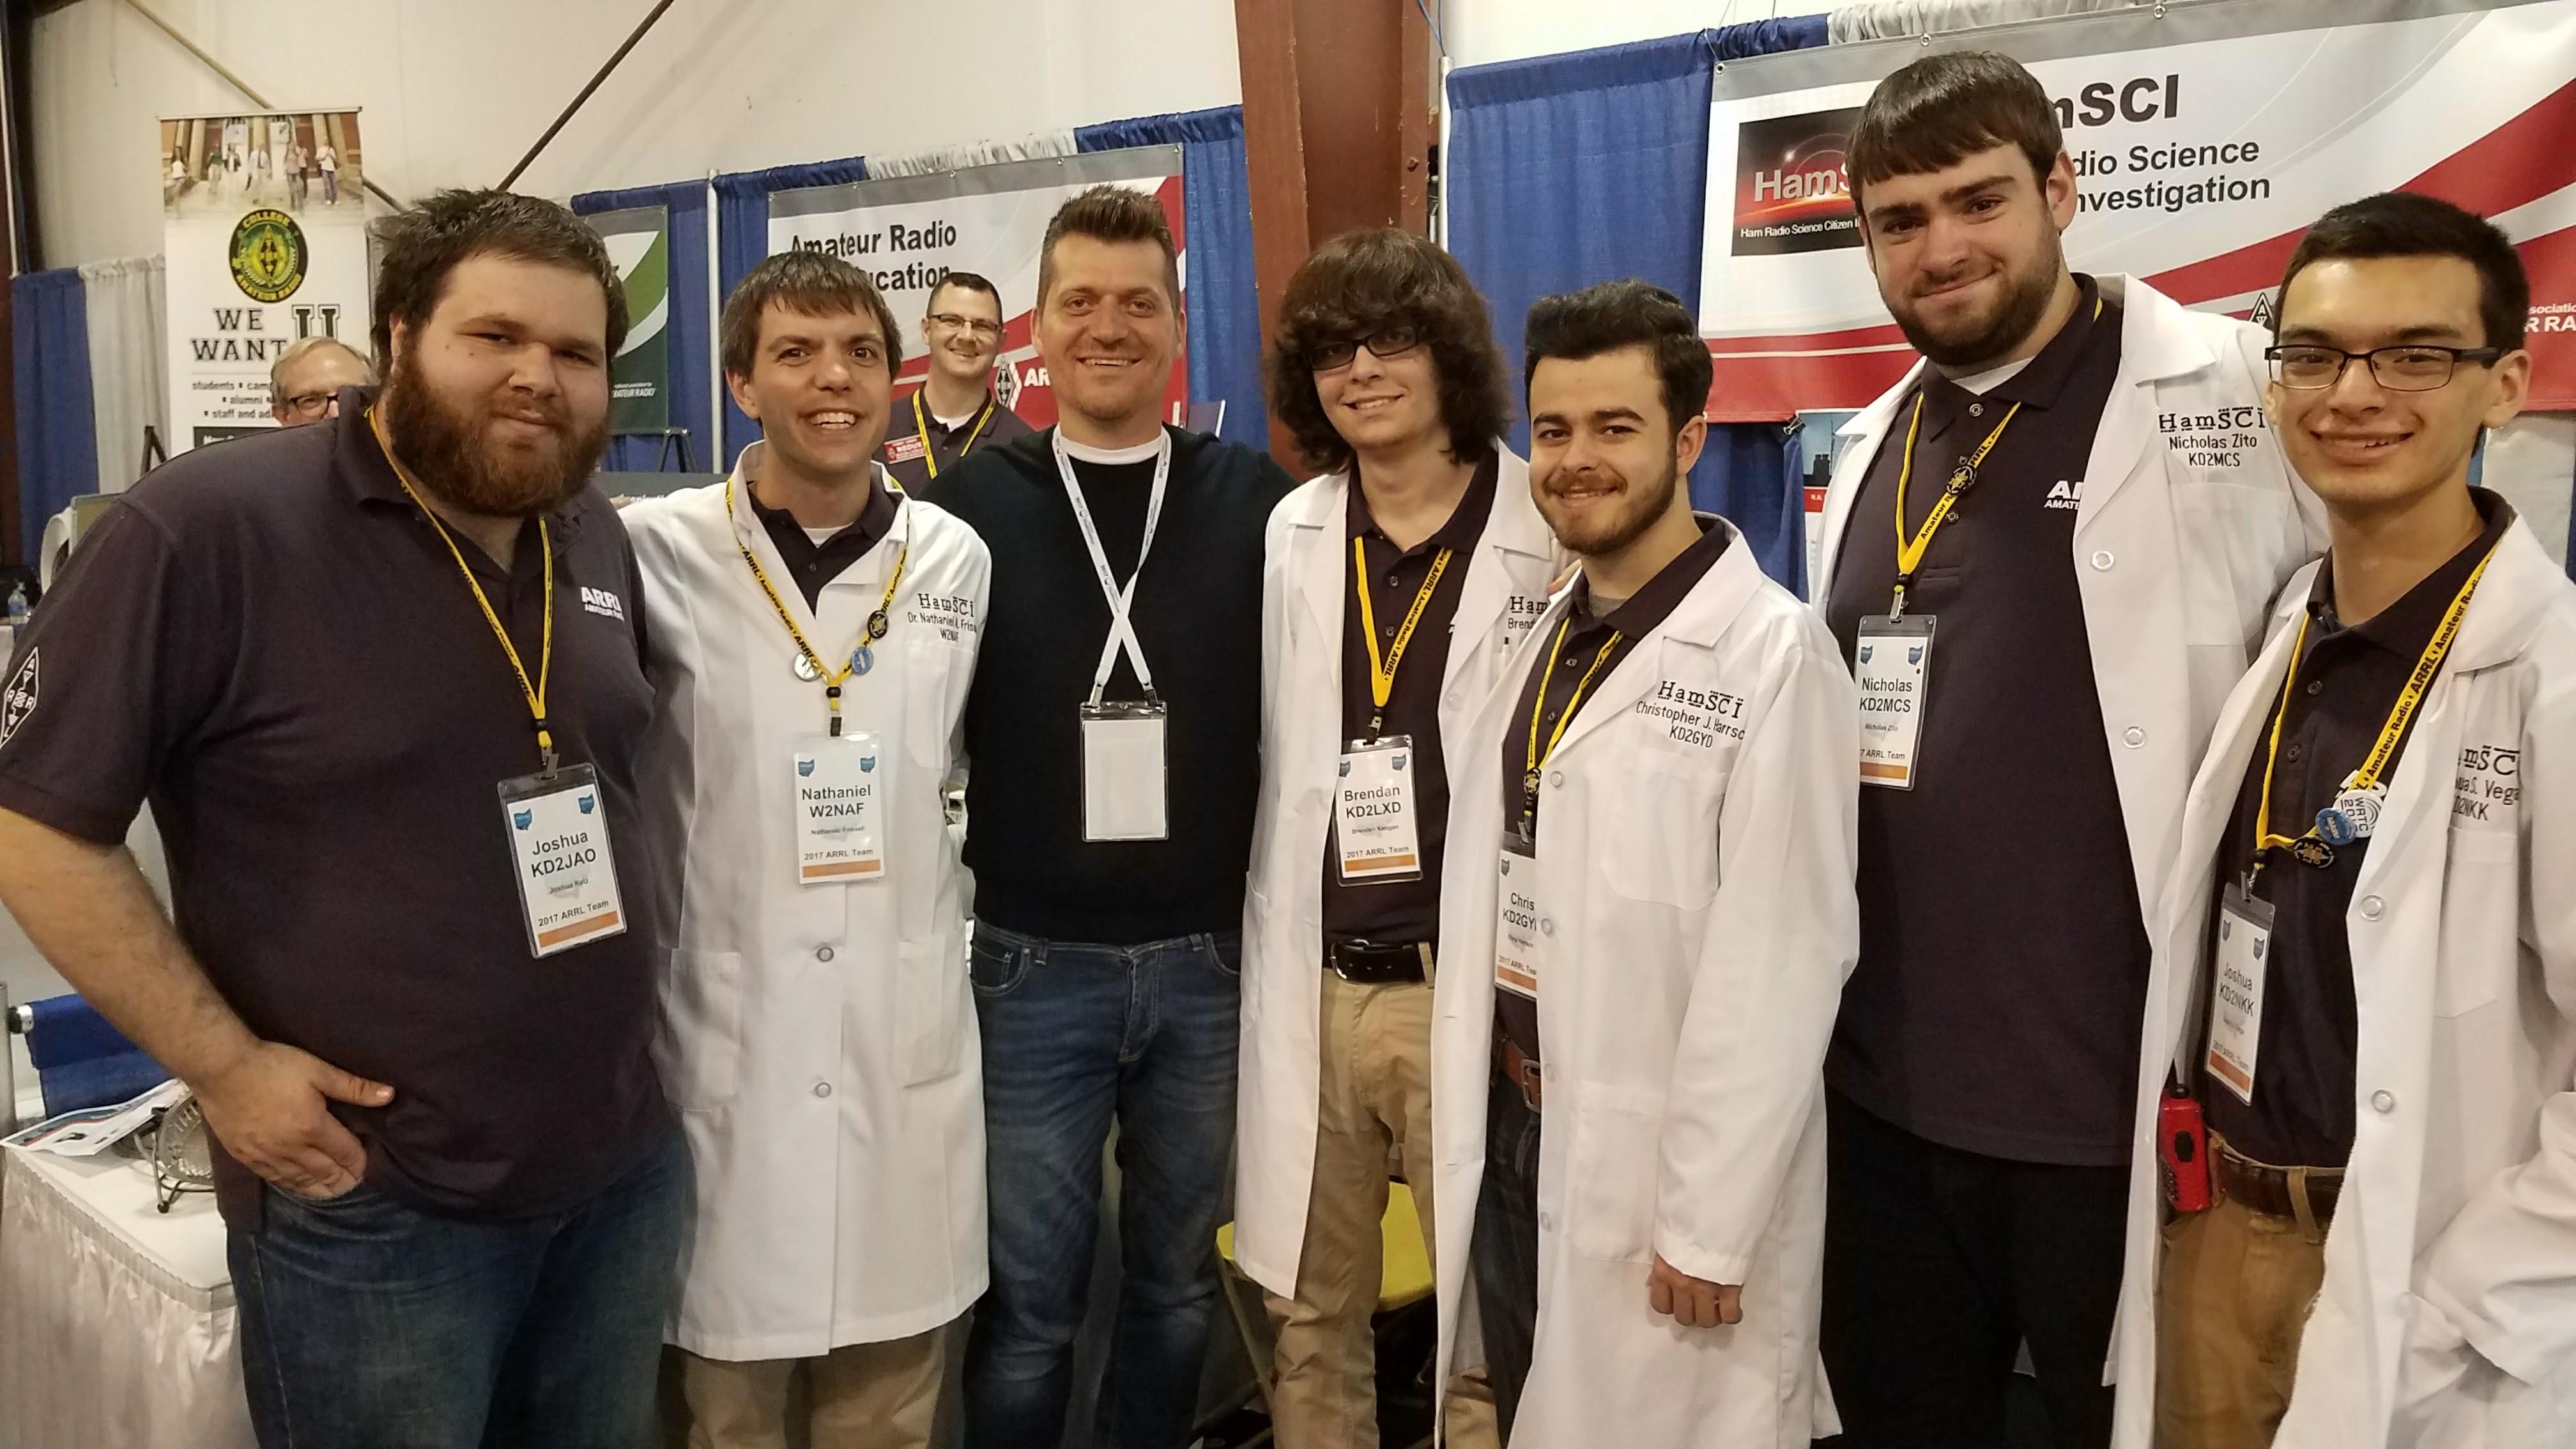 Josh Katz KD2JAO, Nathaniel Frissell W2NAF, Rok Mear (Red Pitaya CEO), Brendan Keogan KD2LXD, Chris Harrsch KD2GYD, Nick Zito KD2MCS, and Josh Vega KD2NKK